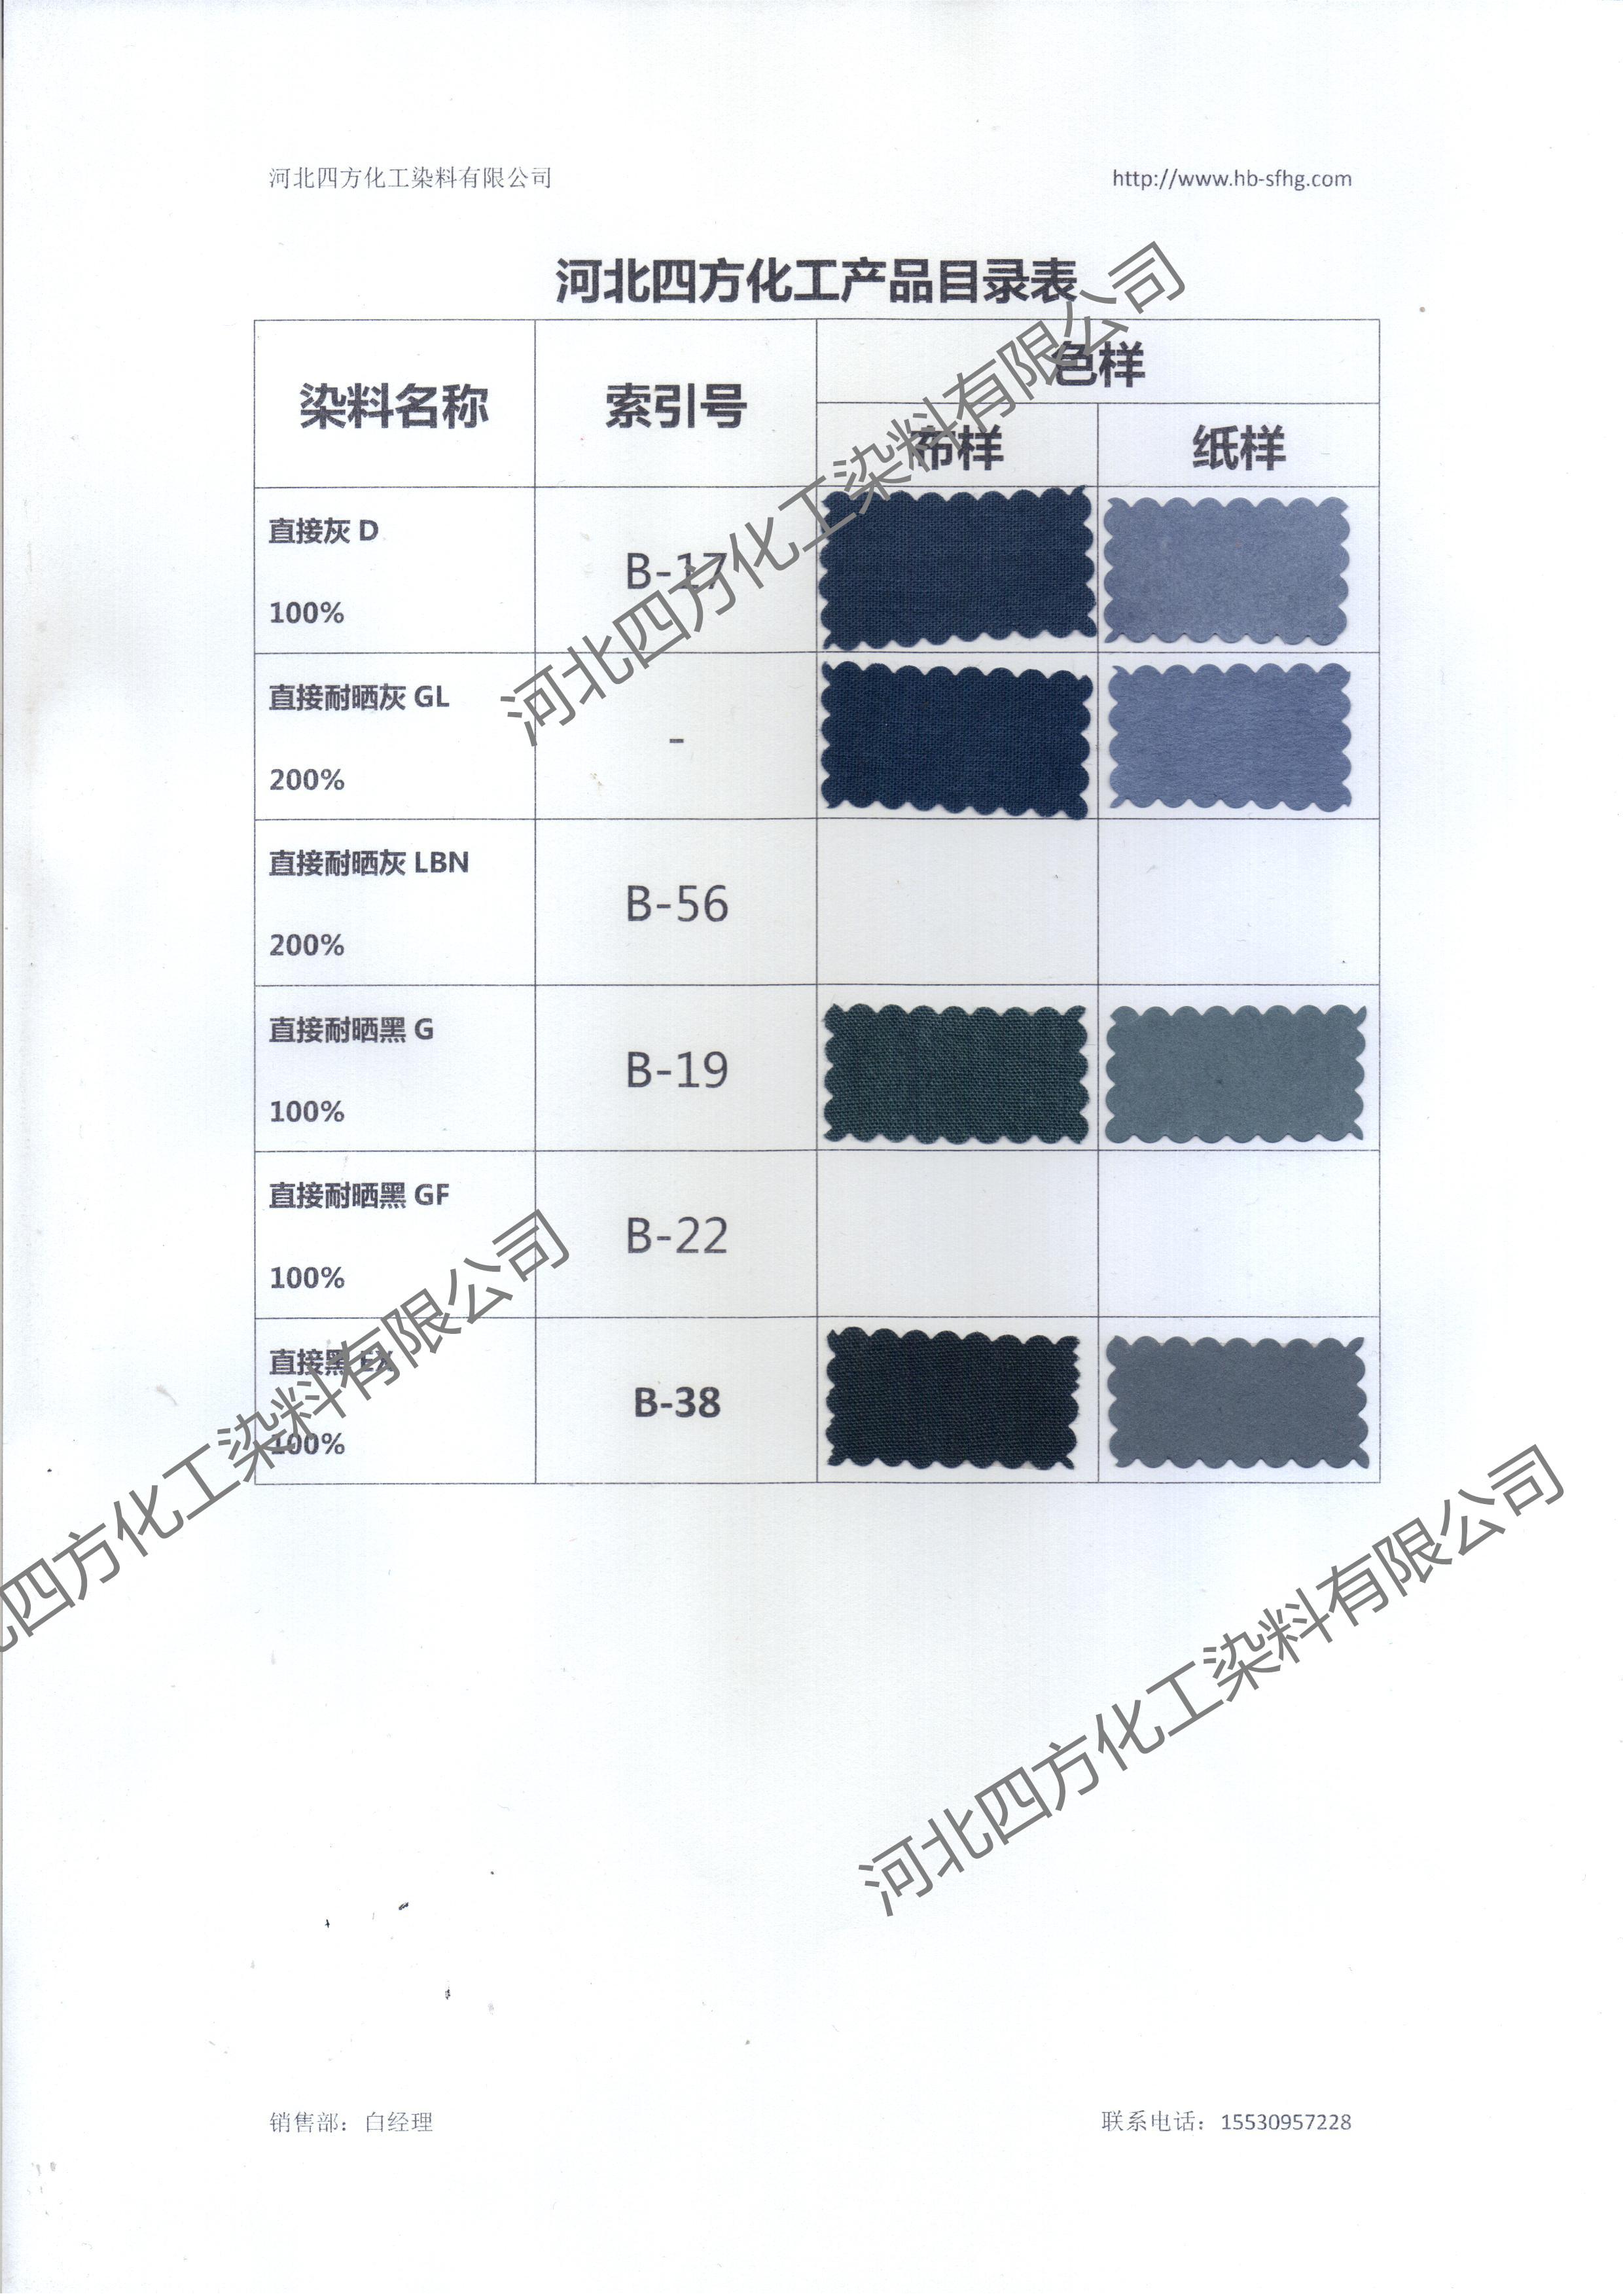 河北四方化工直接染料黑色系色卡